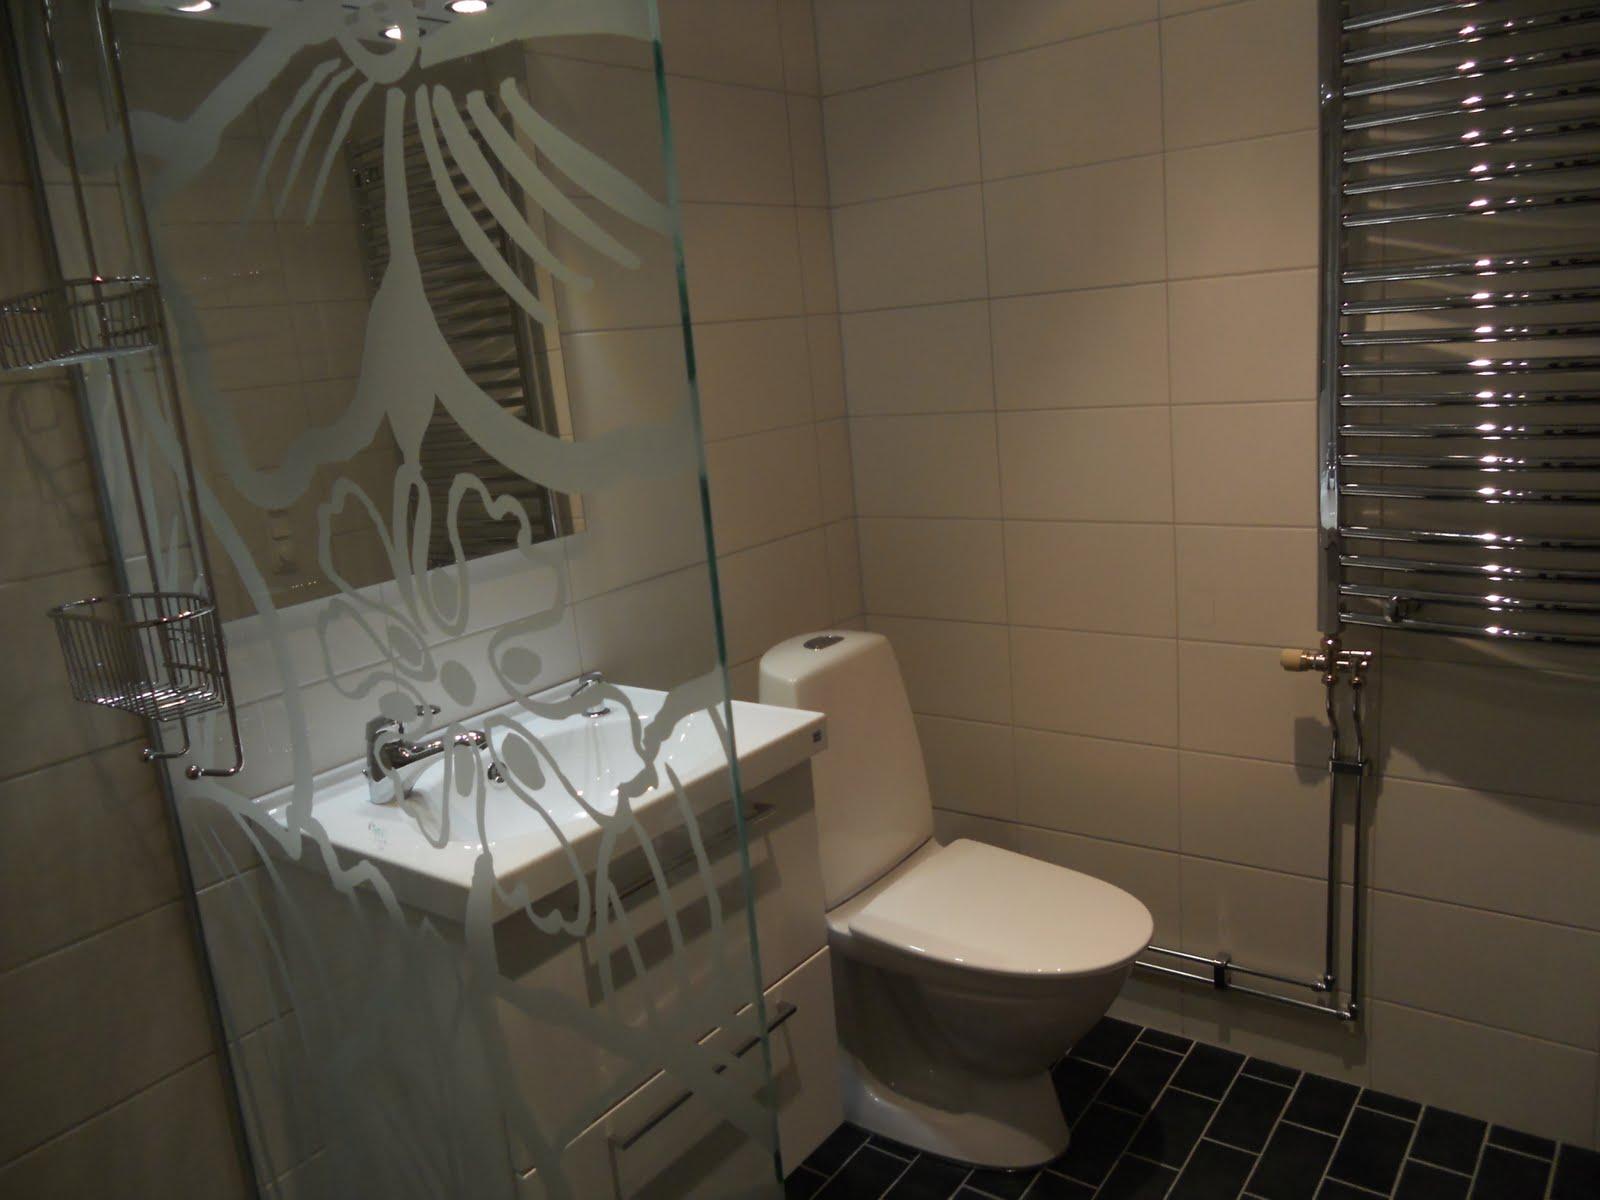 En jordemors liv och lustar: Äntligen nytt badrum!